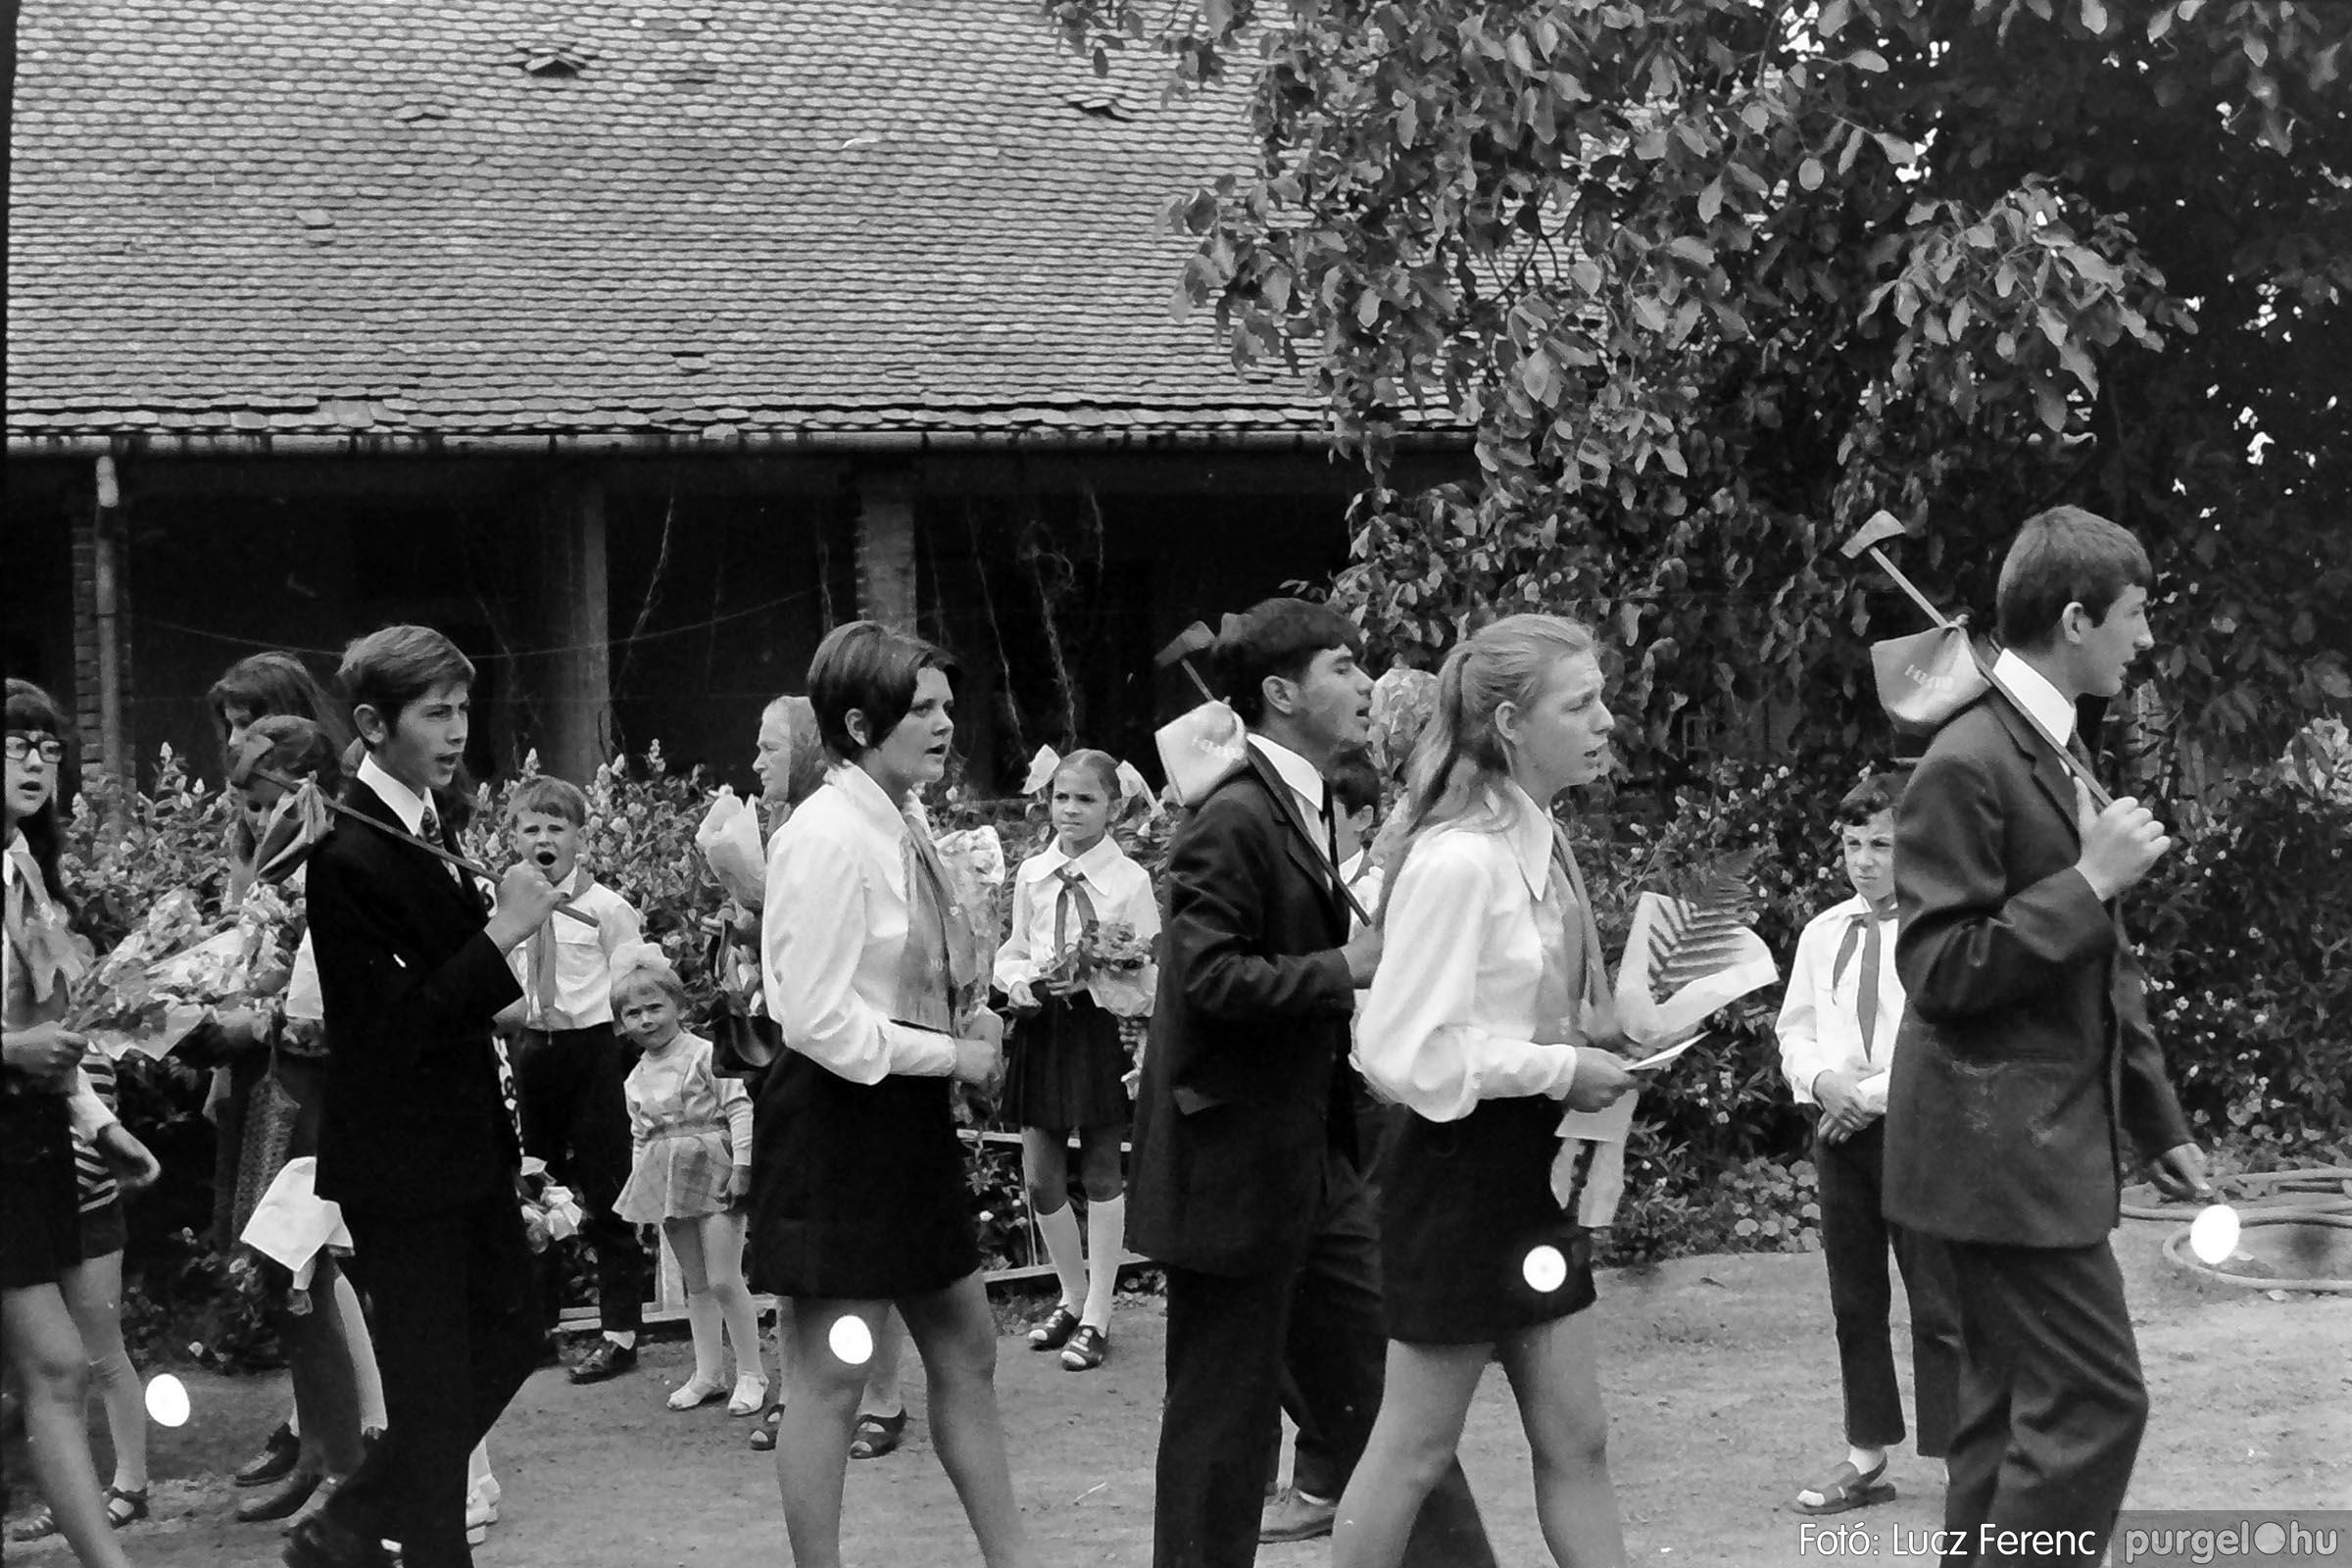 001 1972.05.27. Ballagás a szegvári iskolában 005 - Fotó: Lucz Ferenc - IMG01062q.jpg